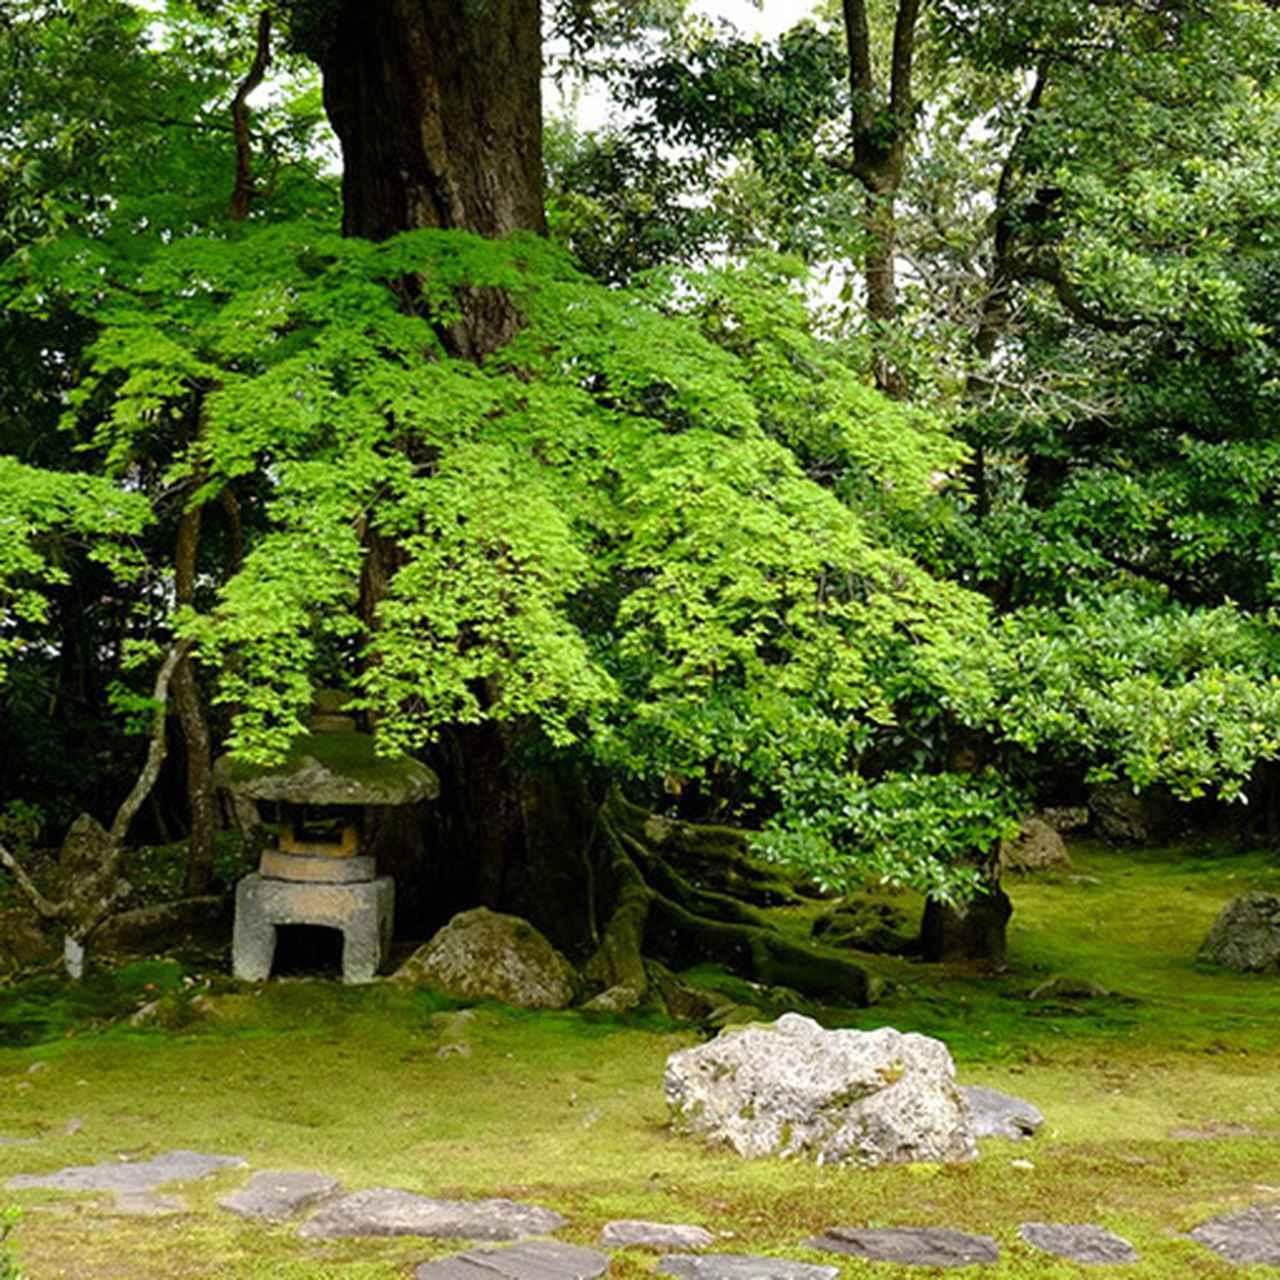 画像: 書院から見た、灯篭、庭石などを使い、苔を配置した庭。ここでSNSでもしながらぼーっとしていたい気分。